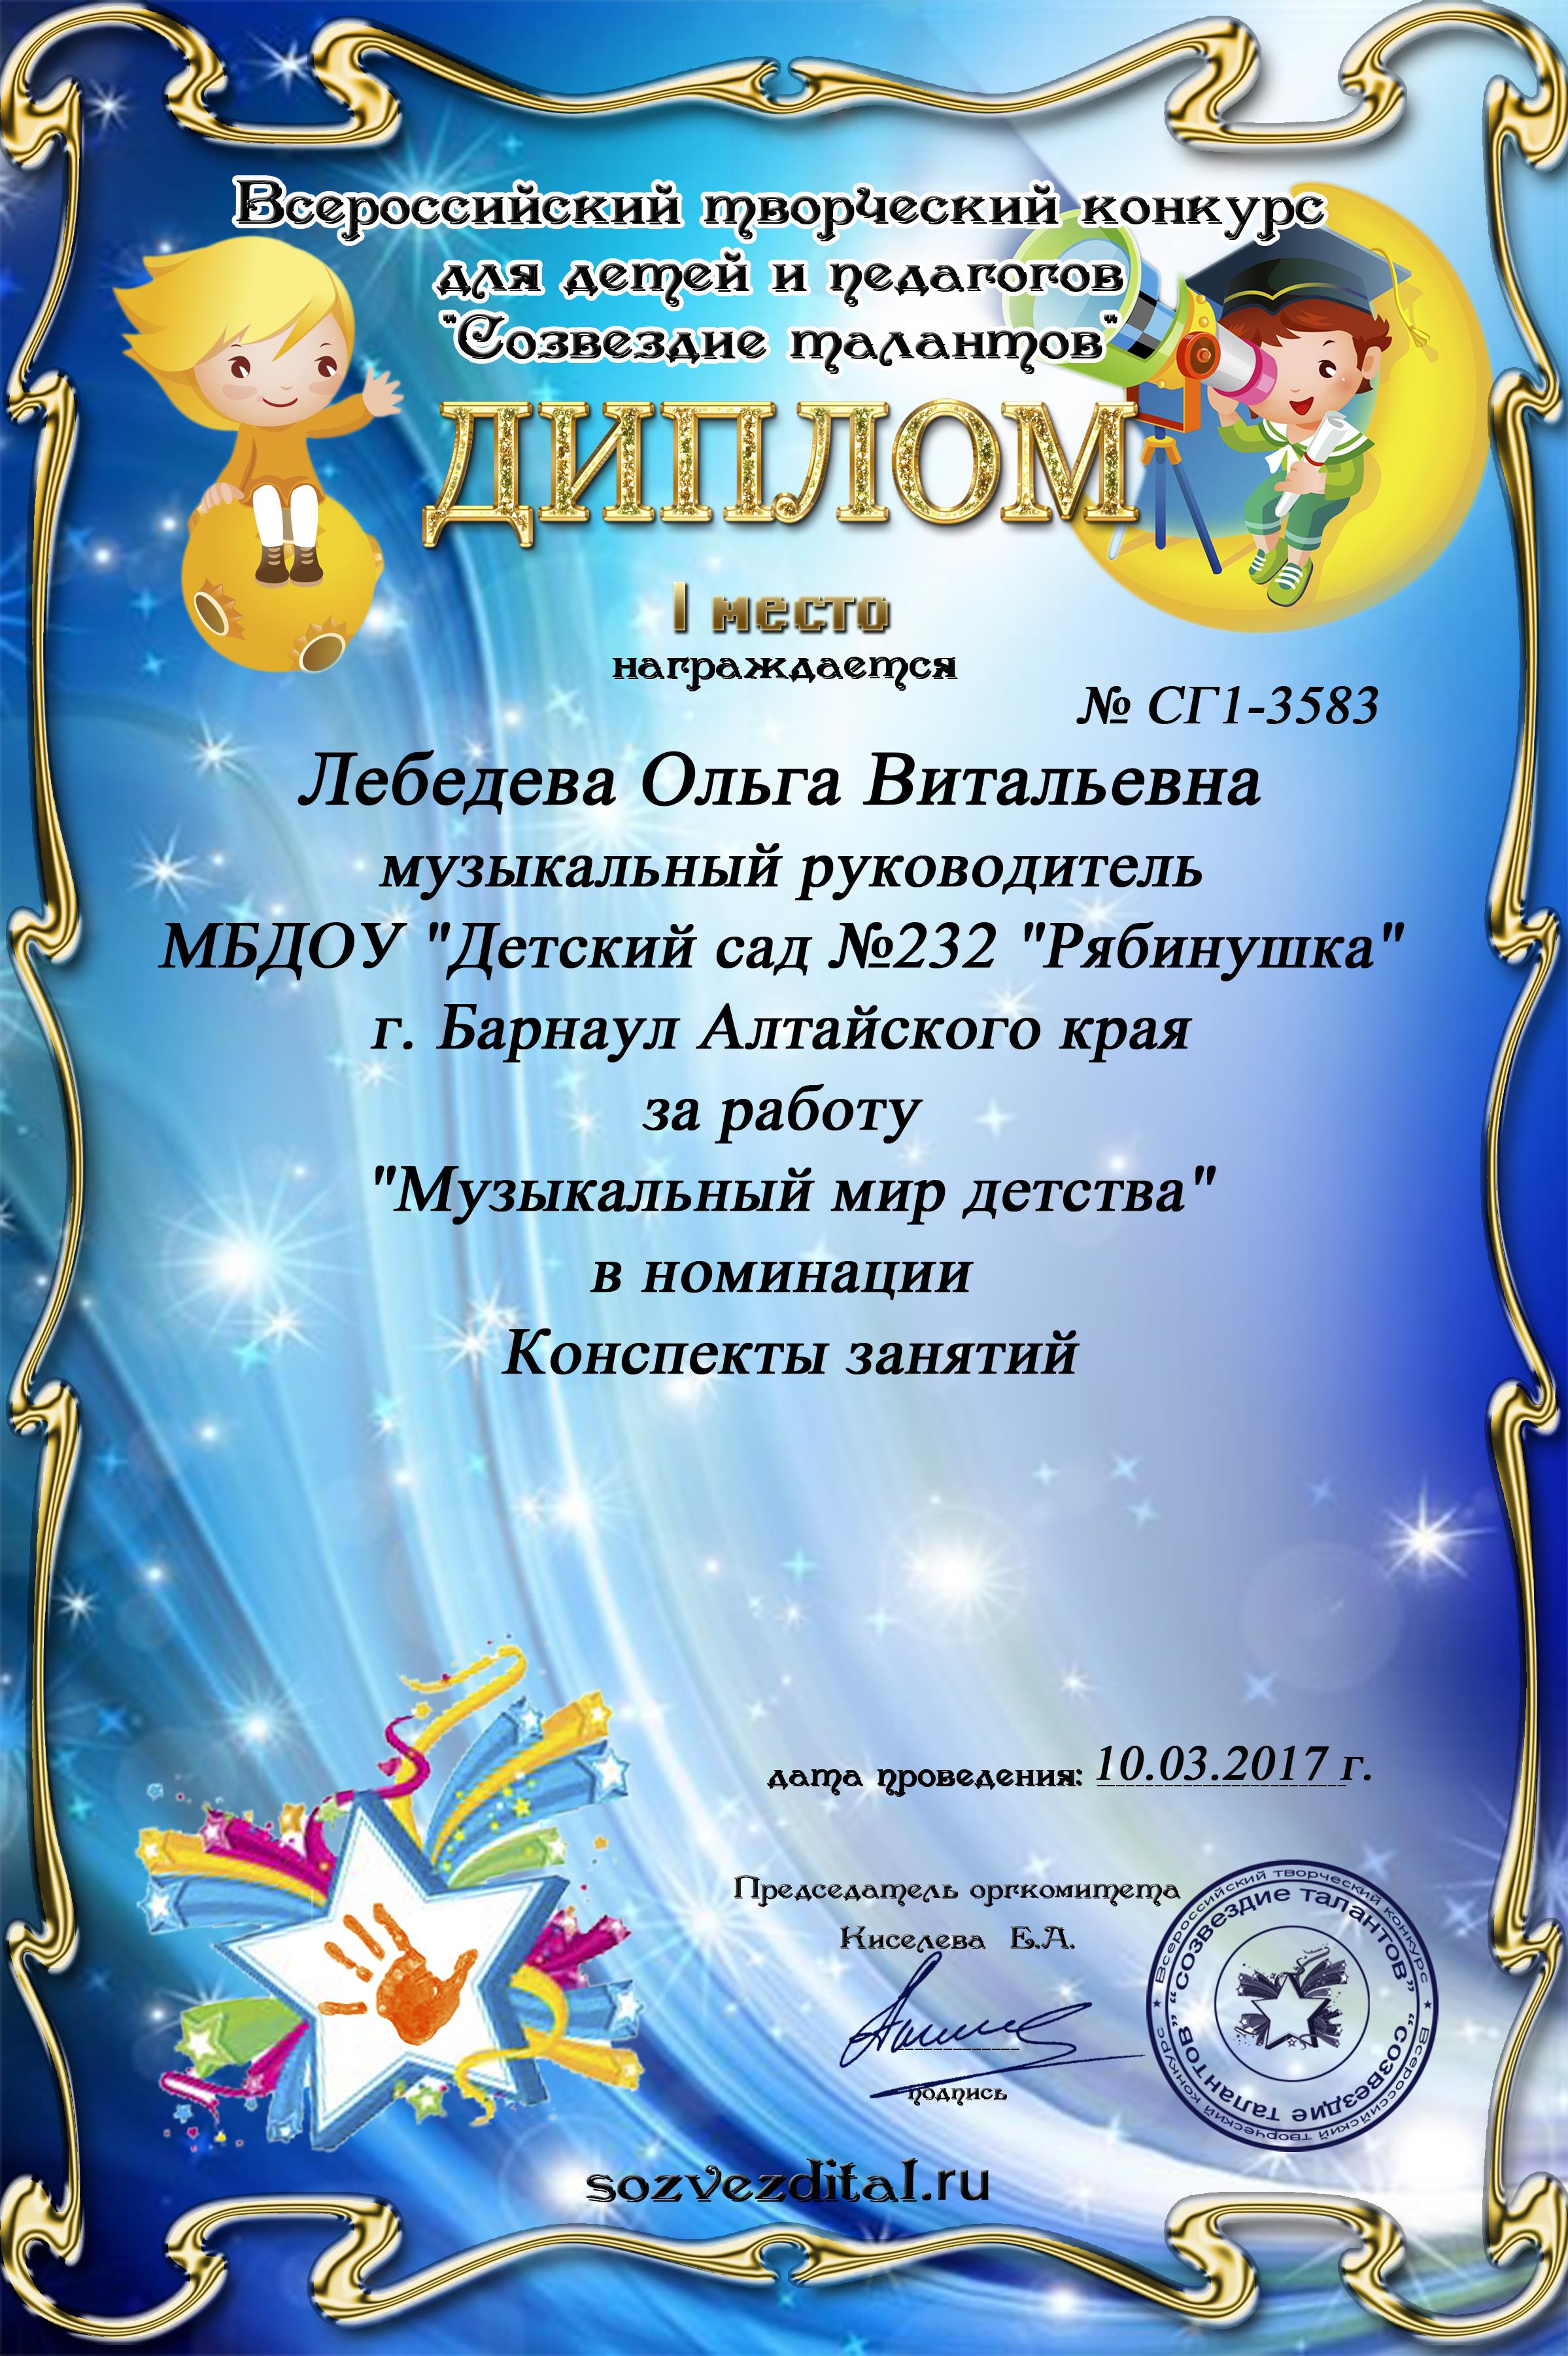 Диплом-конкурса-Созвездие-талантов-2017г-